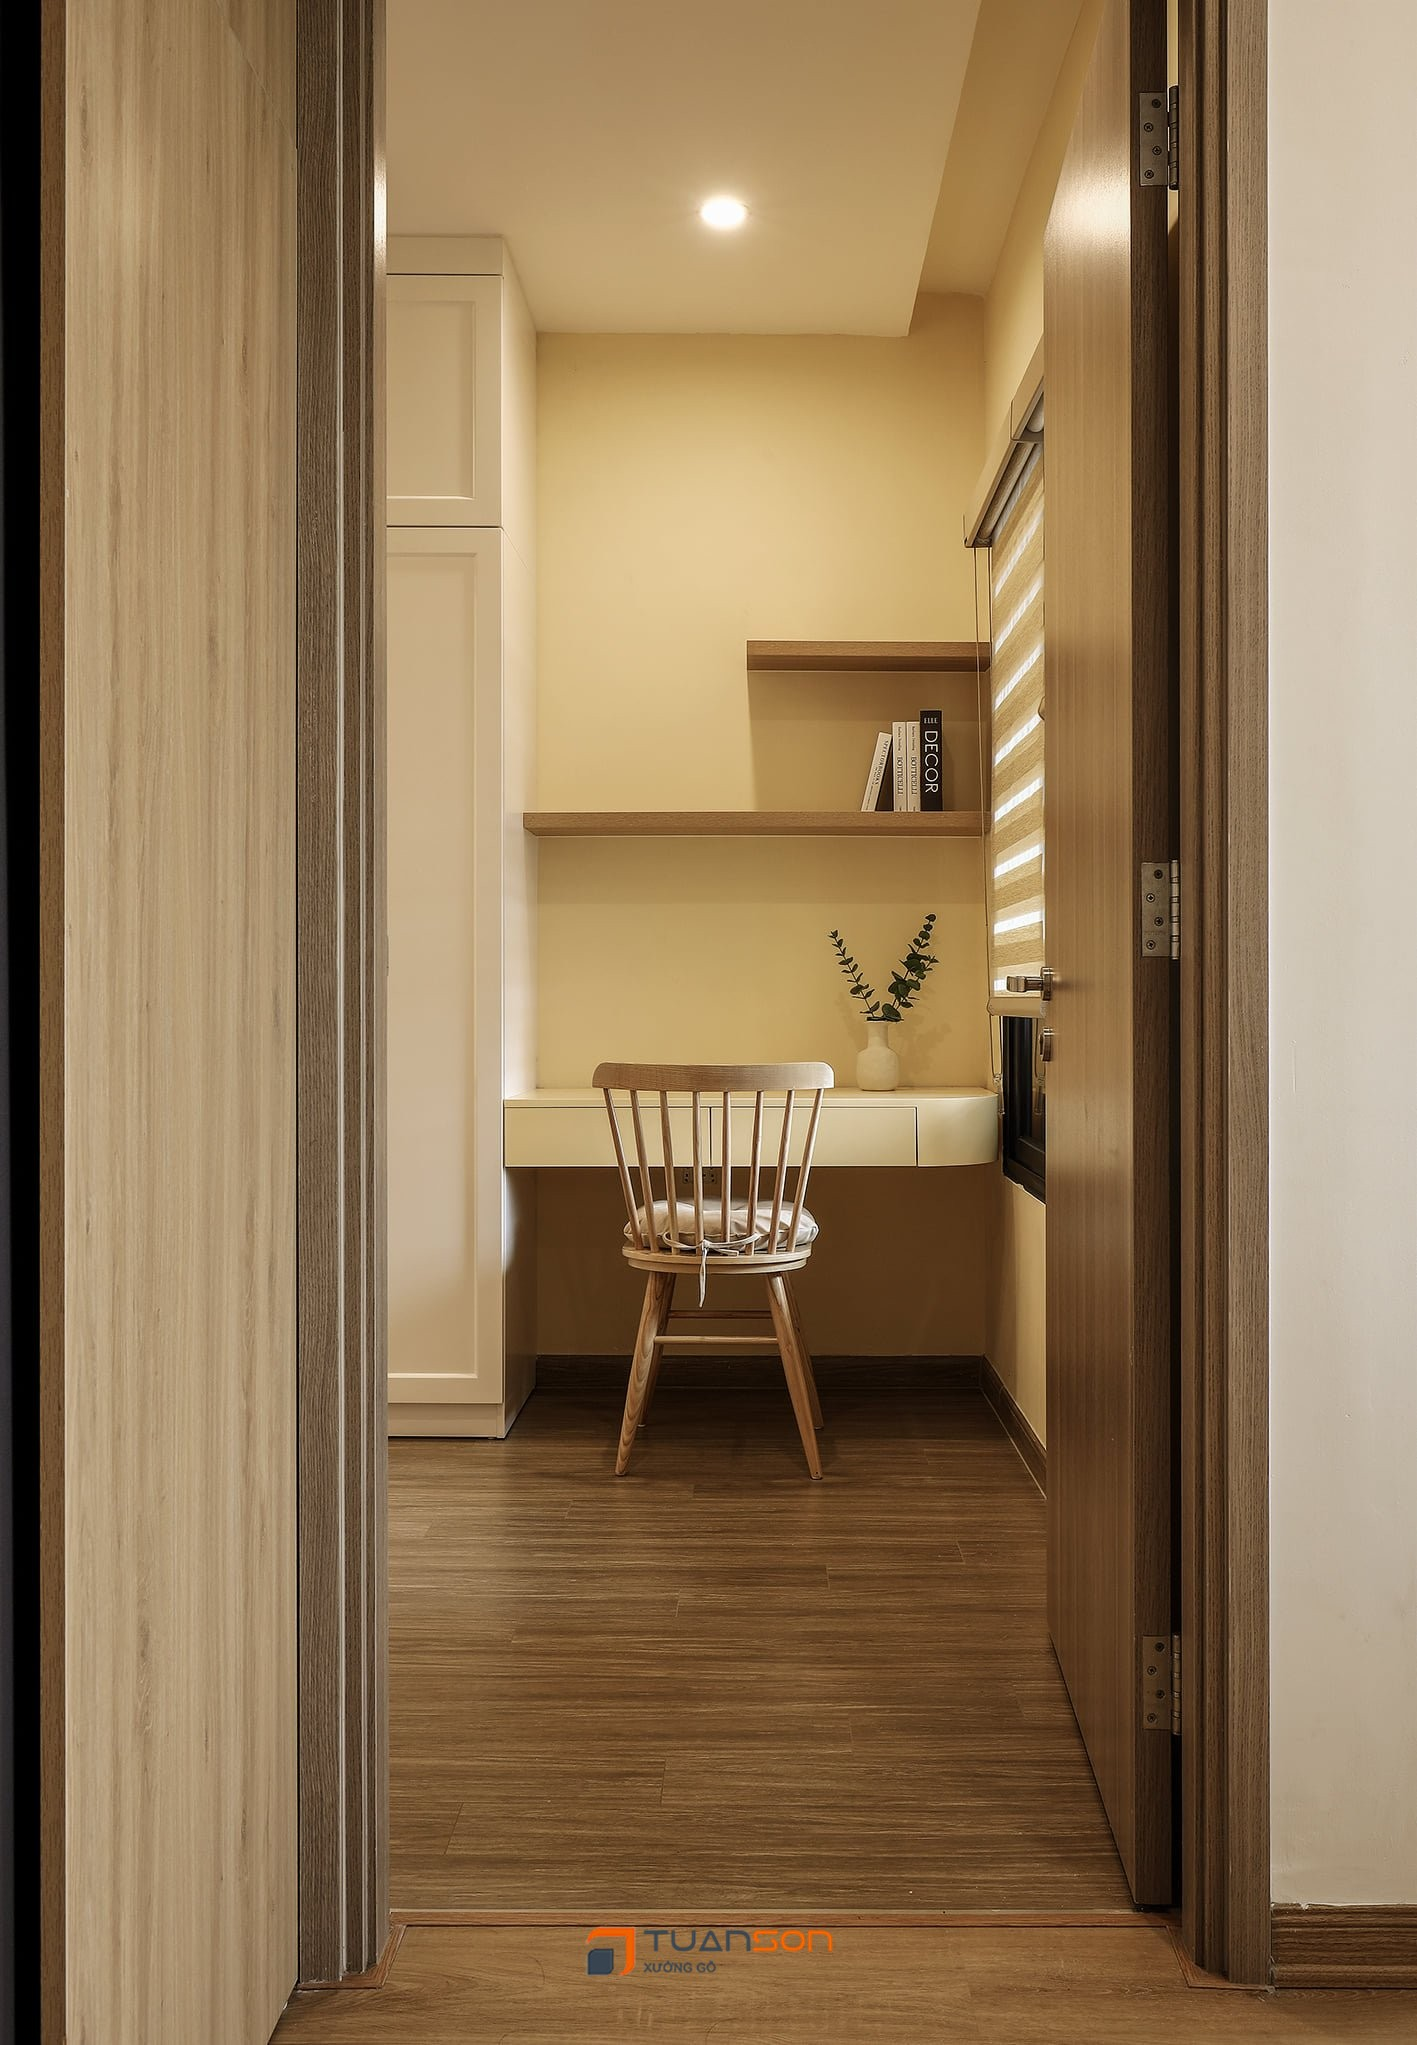 Hình ảnh thực tế nội thất căn hộ 2PN+2WC (62m2) Vinhomes Ocean Park